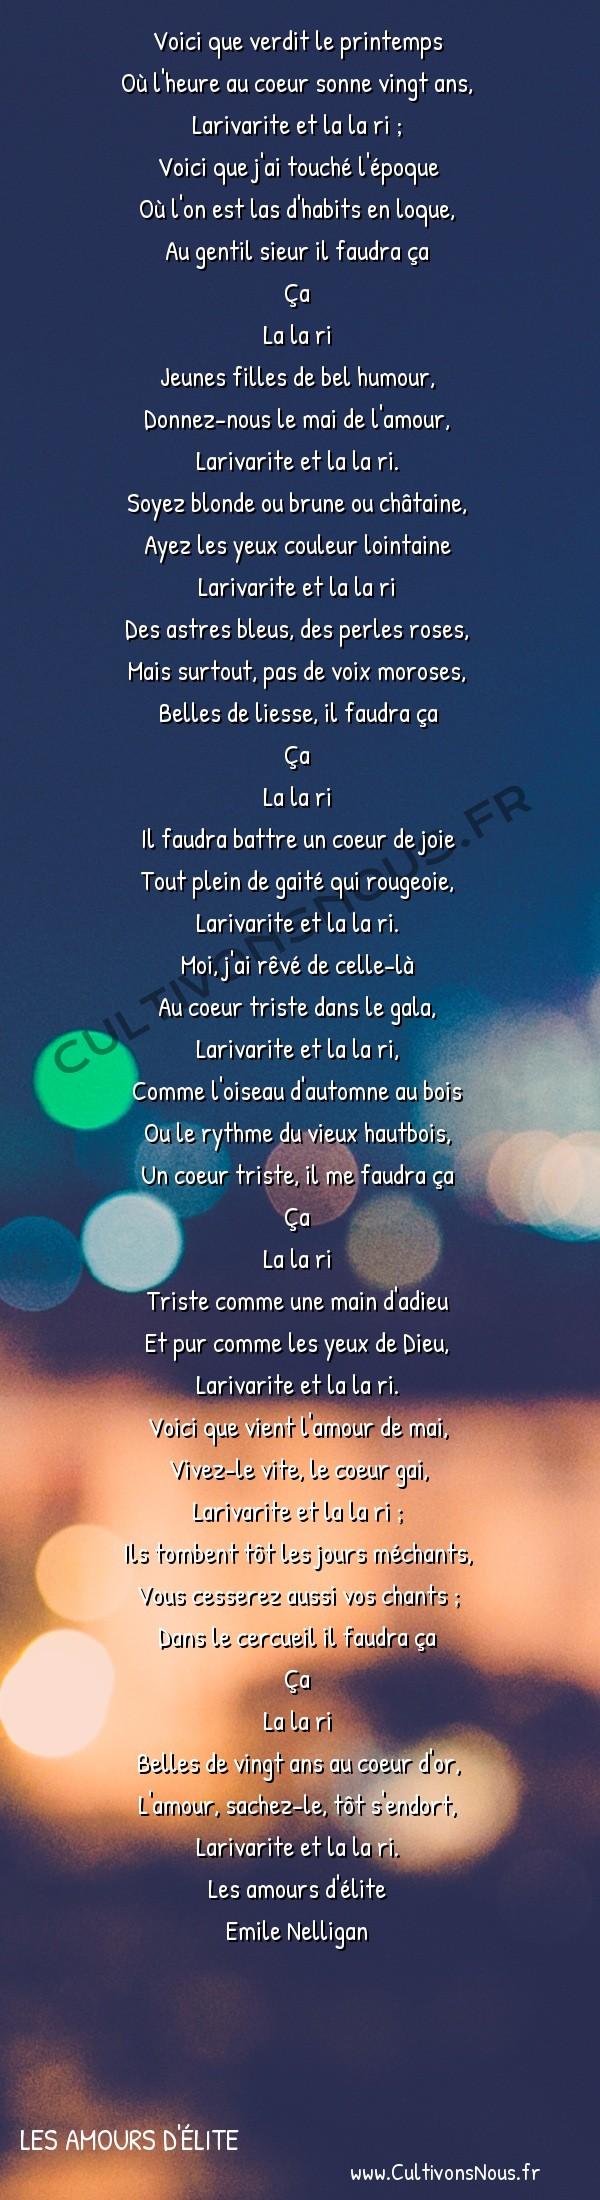 poésie Emile Nelligan - Les amours d'élite - le mai d'amour -  Voici que verdit le printemps Où l'heure au coeur sonne vingt ans,